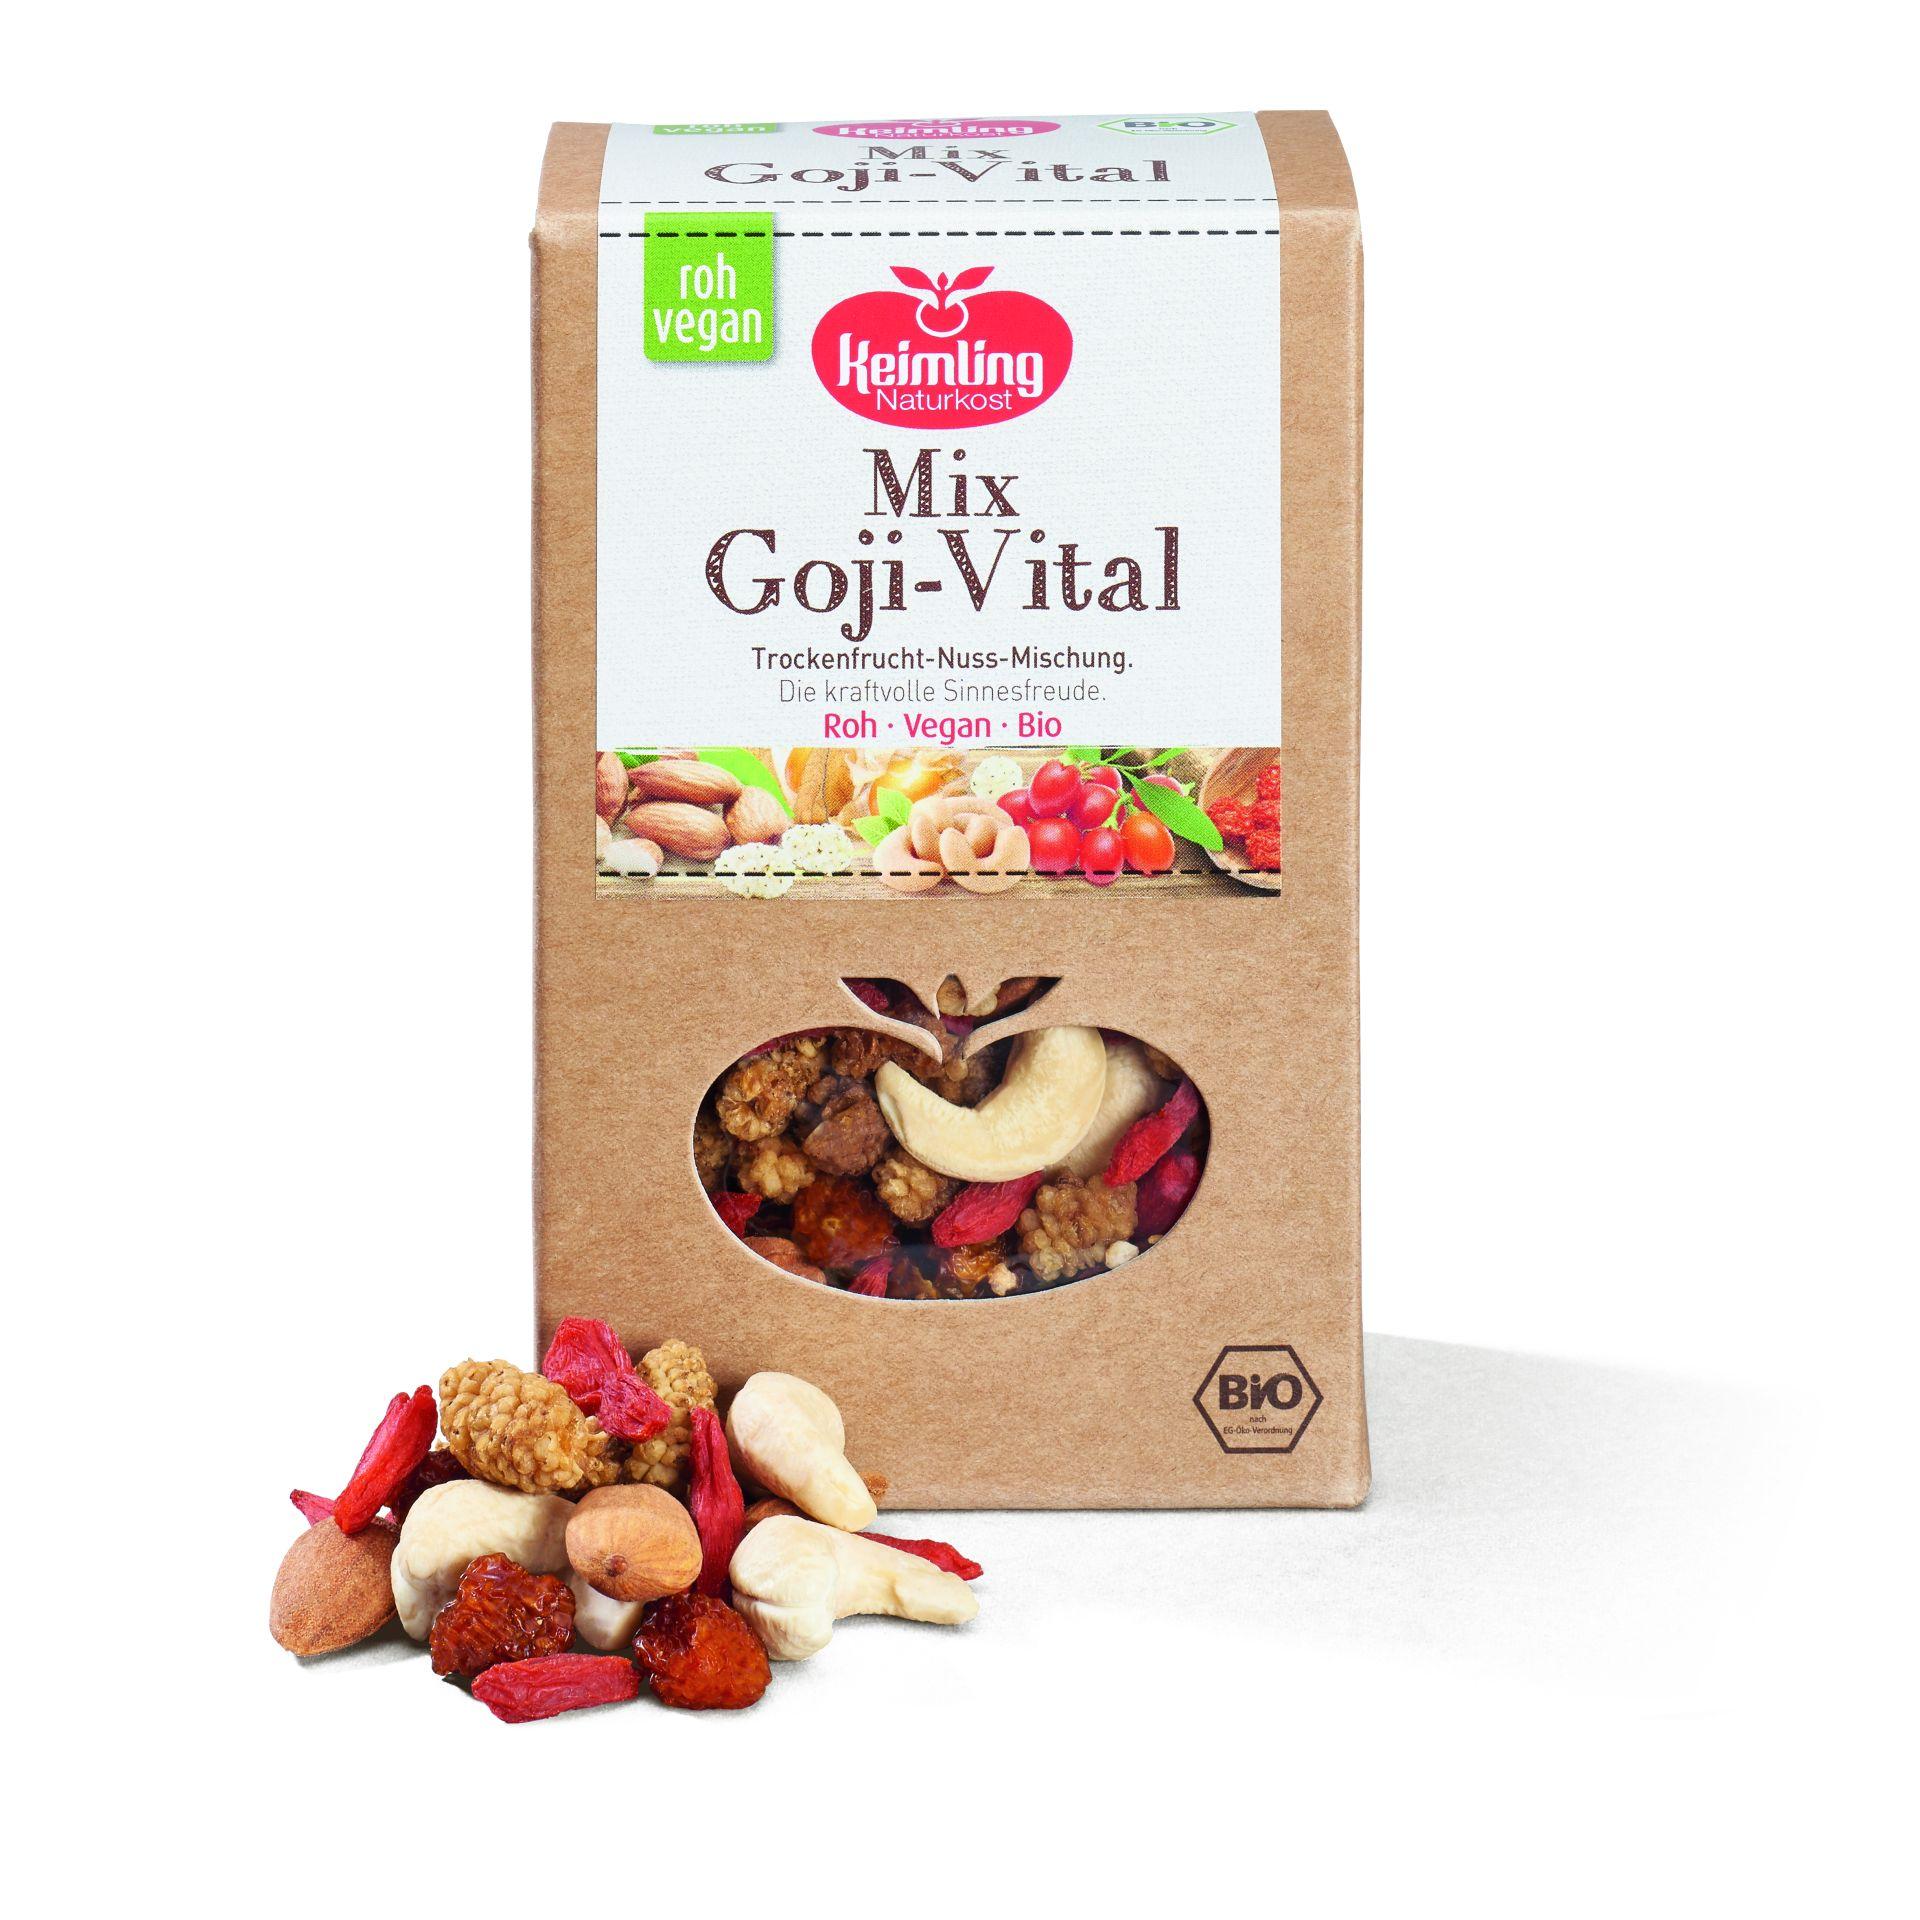 Keimling Mix Goji-Vital 500 g